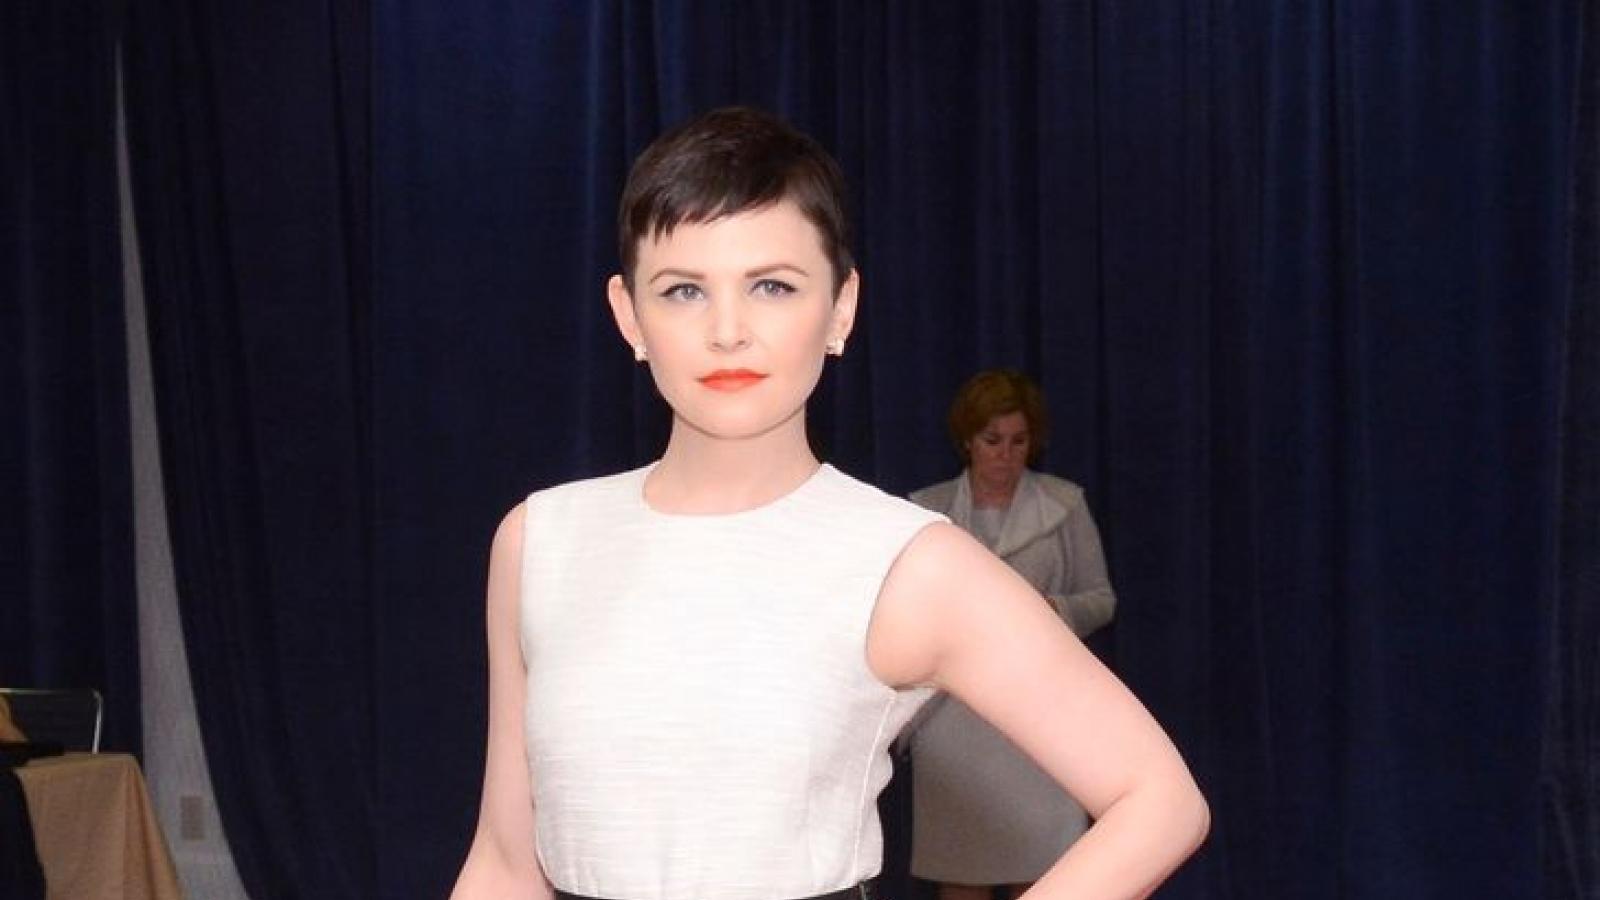 Mặc đồ bình dân dự sự kiện, sao Hollywood vẫn xinh đẹp rạng ngời